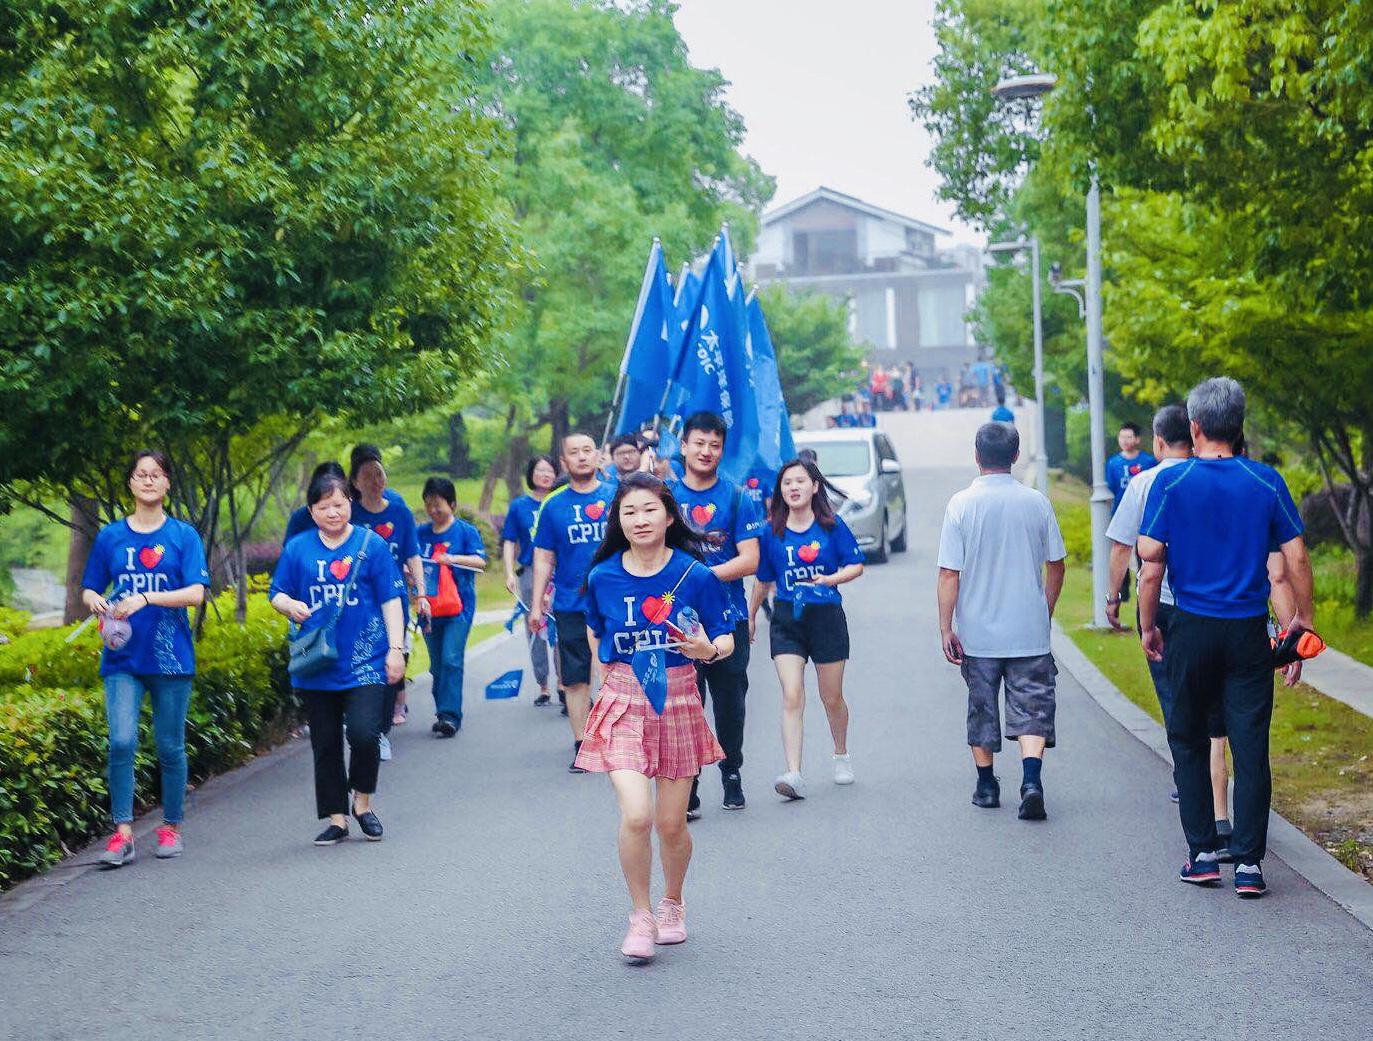 爱国爱家从一份保障开始中国太保7.8保险公众宣传日活动精彩纷呈